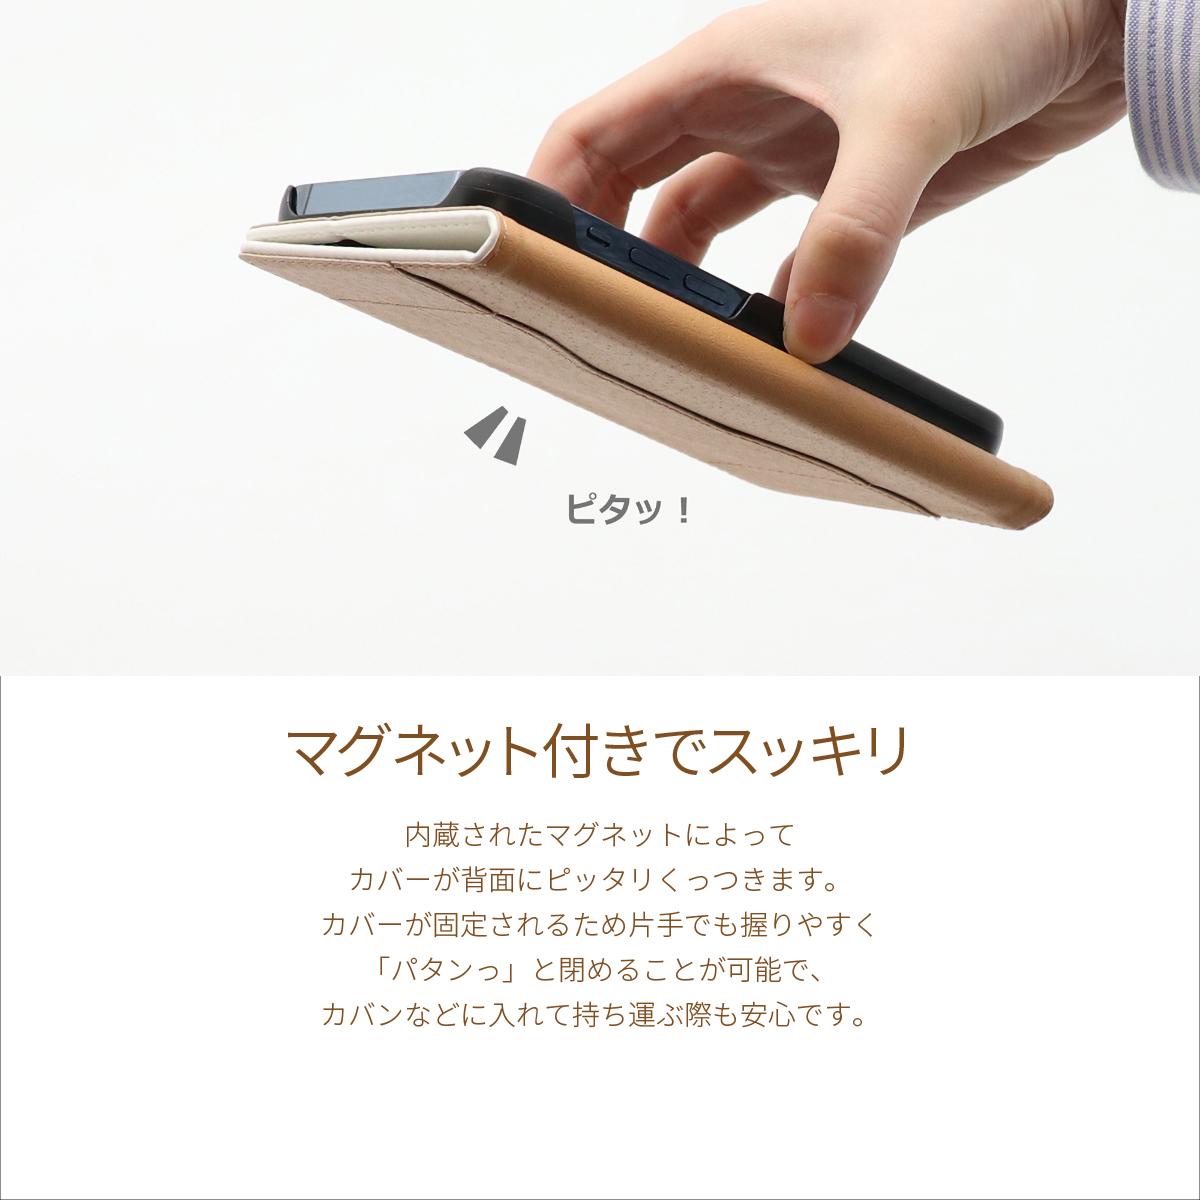 さくらももこ 地球の子供たち ZenFone ケース ZenFone 6 Max Pro (M2) Max (M2) Max Pro (M1) Live (L1) Max (M1) 5Q Max Plus (M1) 4 Max 7 7 Pro 5 5Z 手帳型 スマホケース エイスース薄い ベルト無し 手帳型カバー カード収納 パス入れ ブック型カバー 軽い